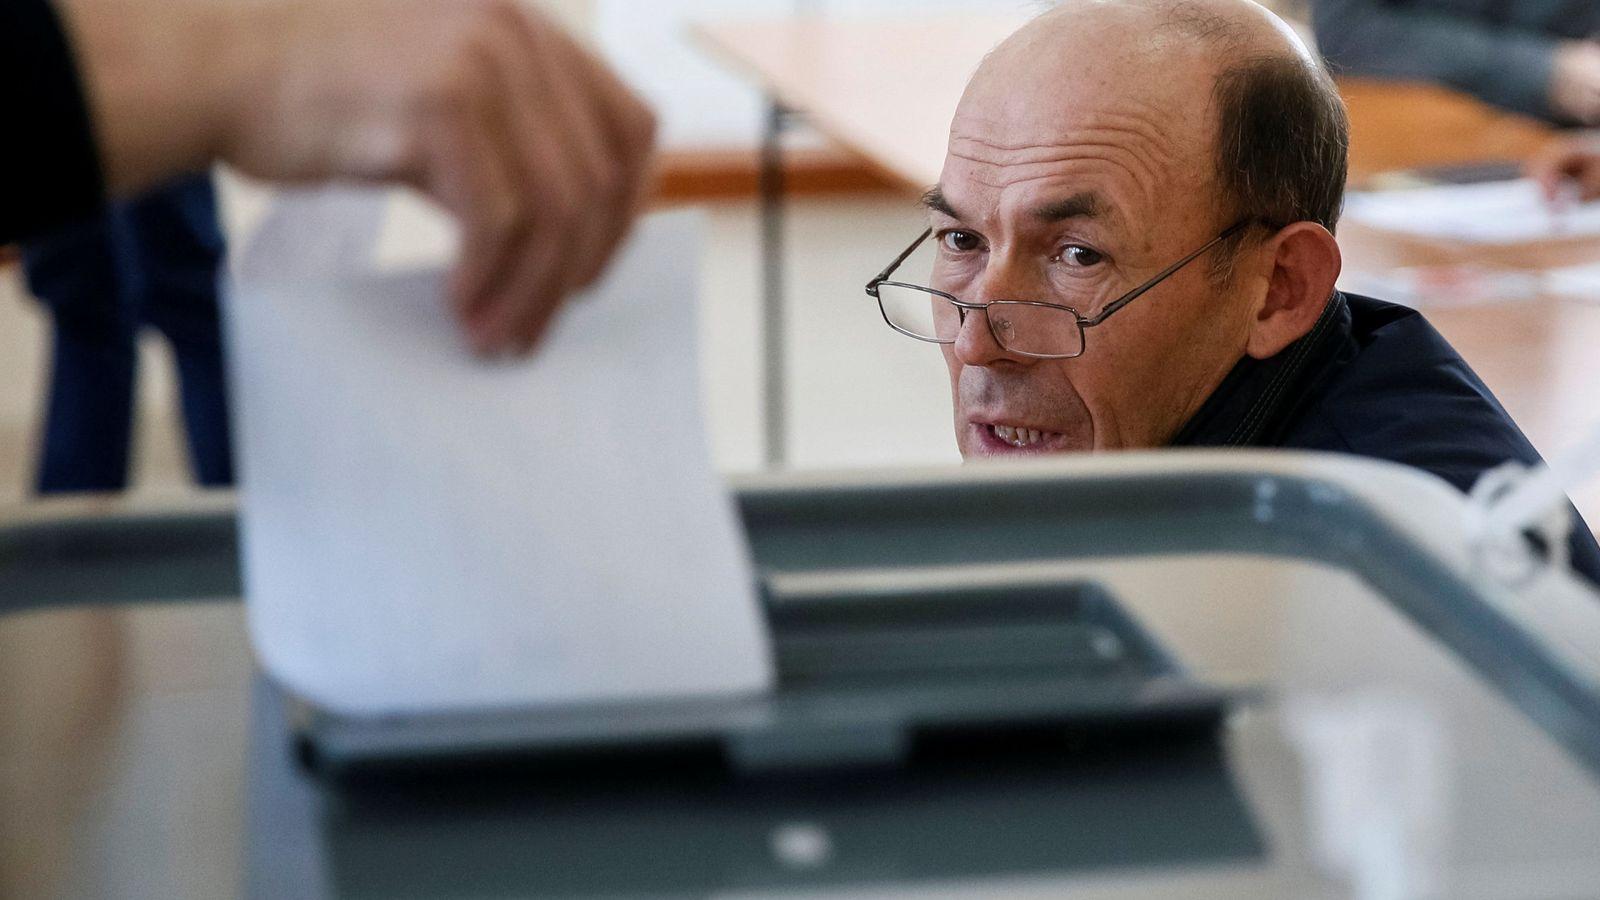 Foto: Un hombre deposita su voto en una urna. (Reuters)